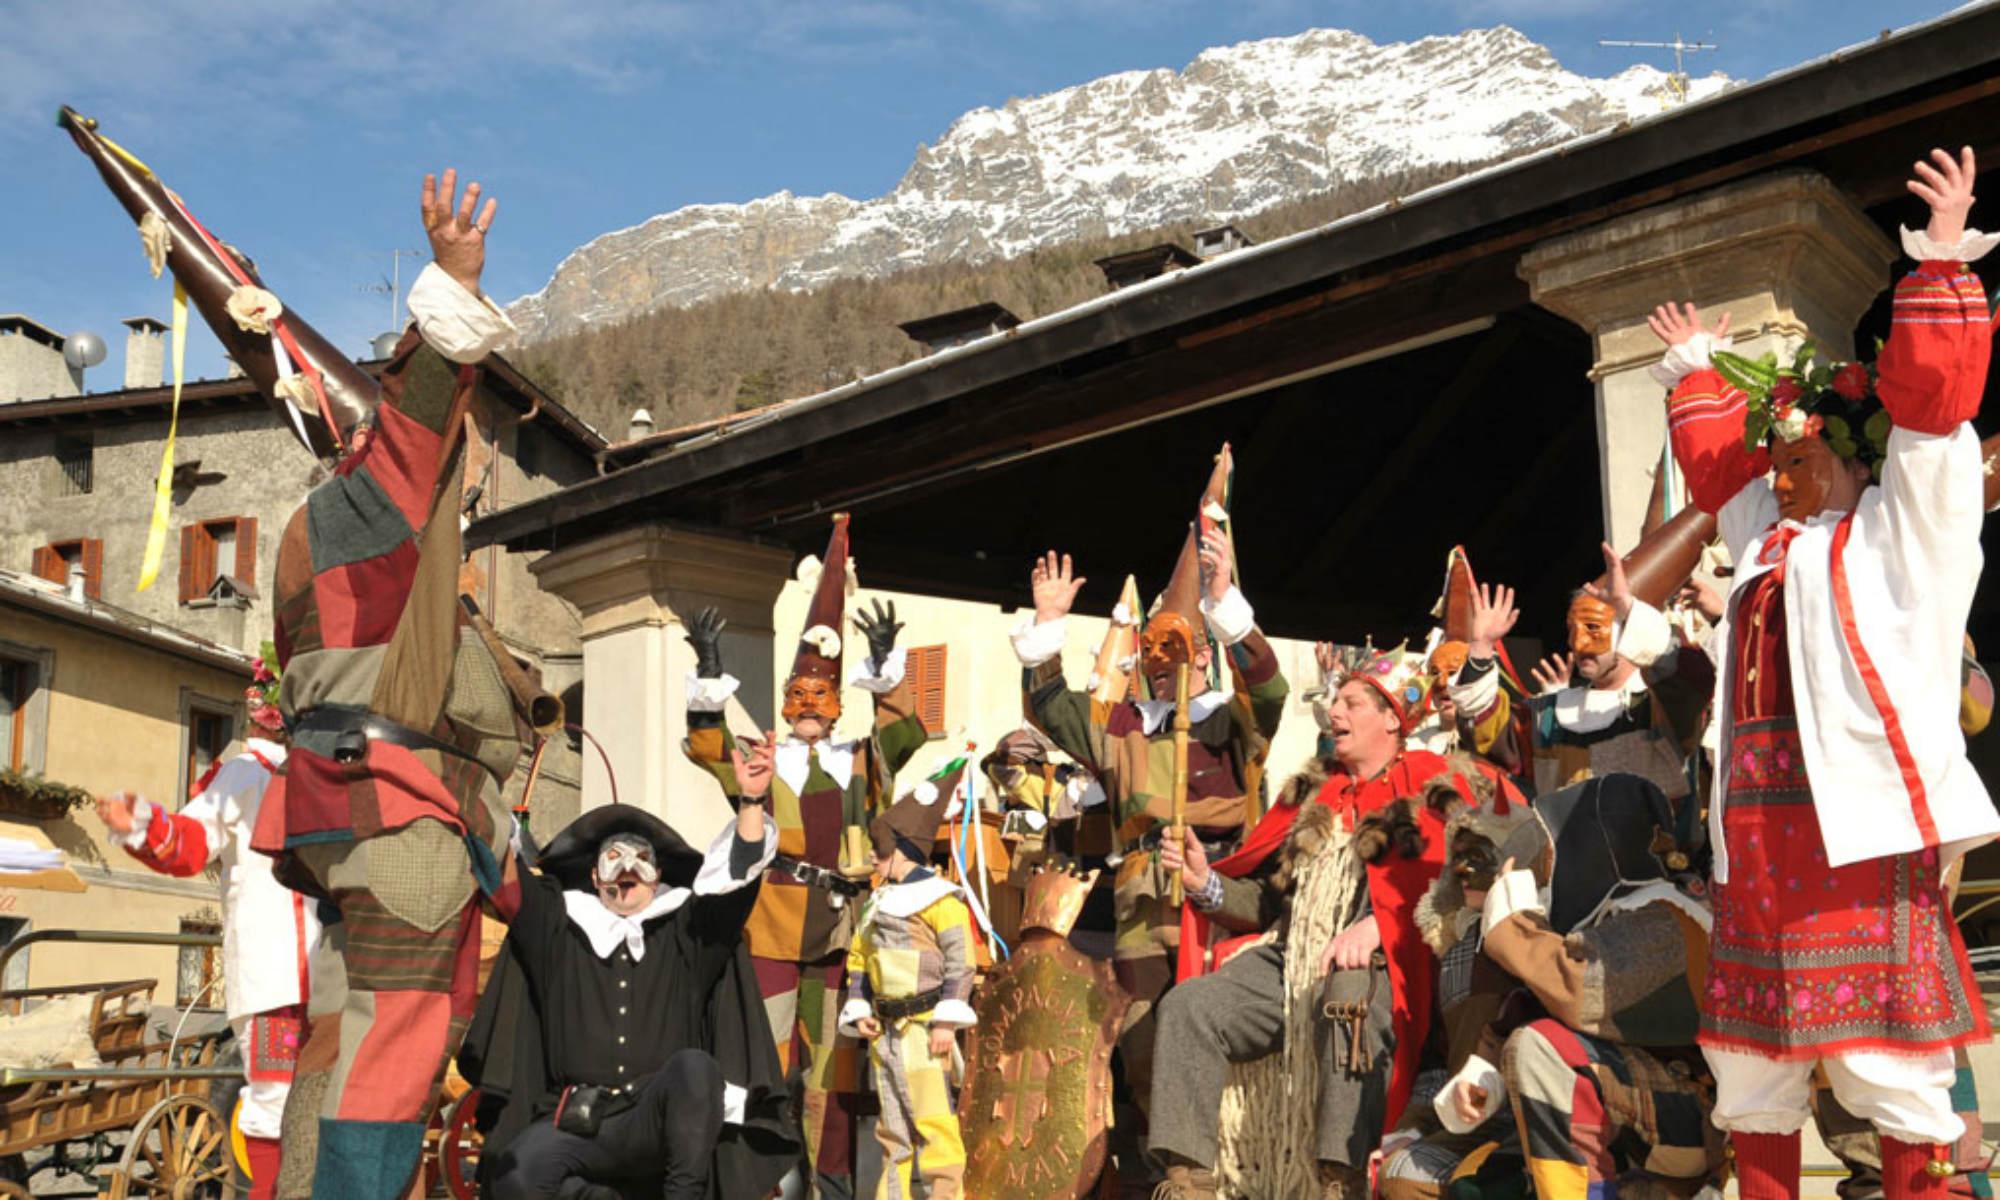 Al Carneval di Mat si festeggia sul palco con costumi, recite e musiche.